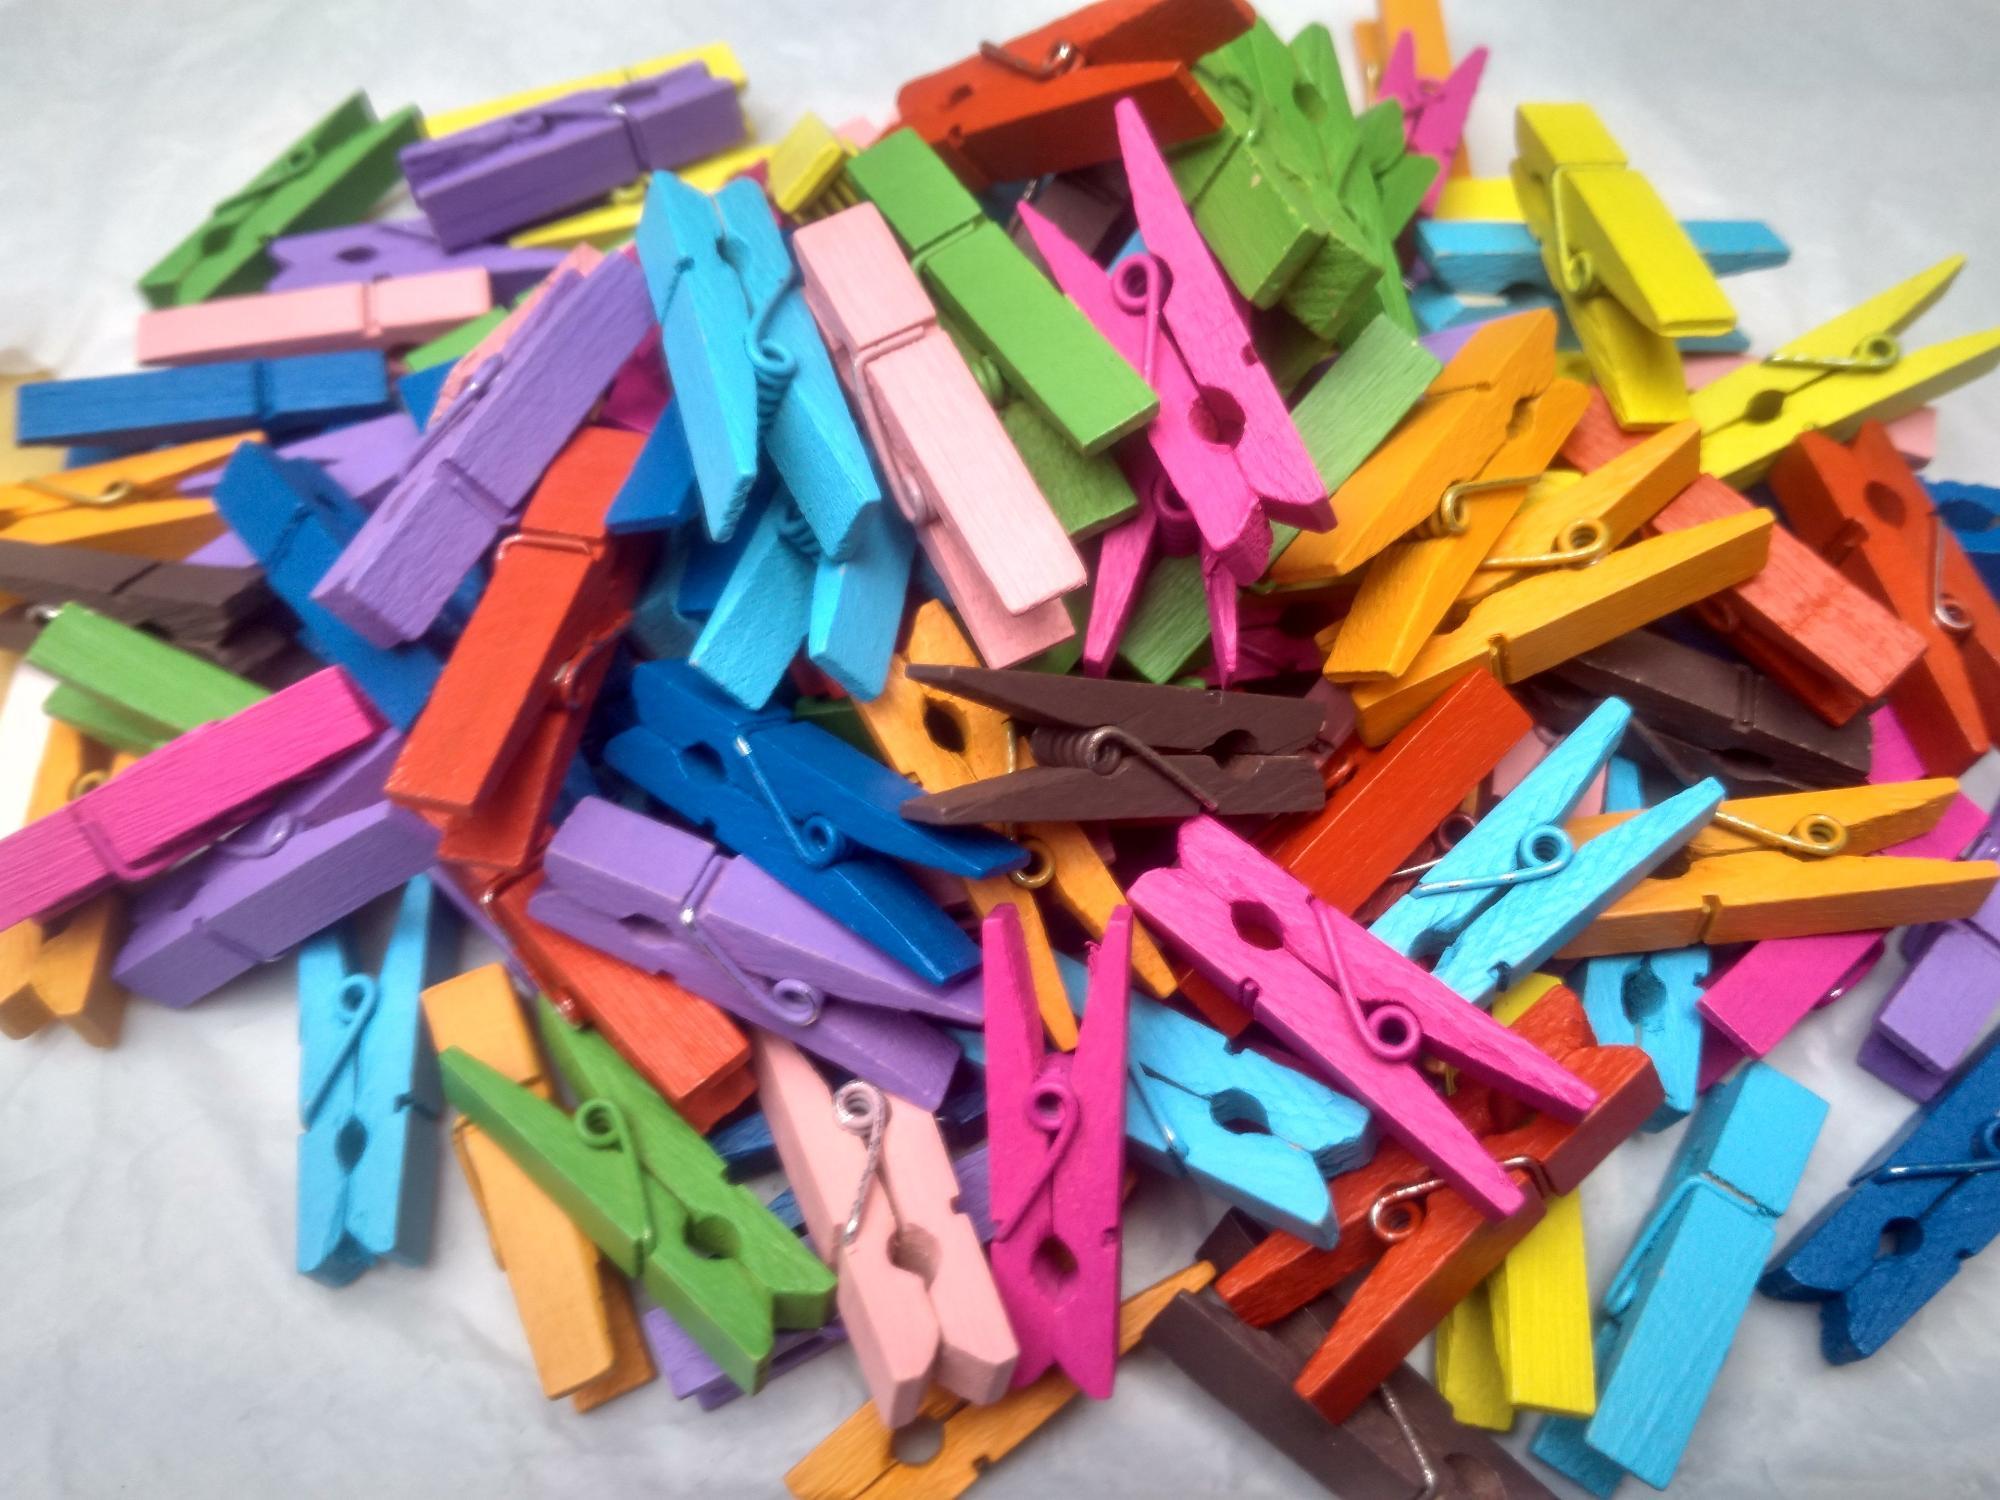 heldig - 20 pcs Wooden Clip Woodenclip / Penjepit Foto / Jepitan Foto Mix Warna / Warna - Warni GRATIS 2 Meter Tali Rami / Tali Goni Bisa COD / Bayar di Tempat